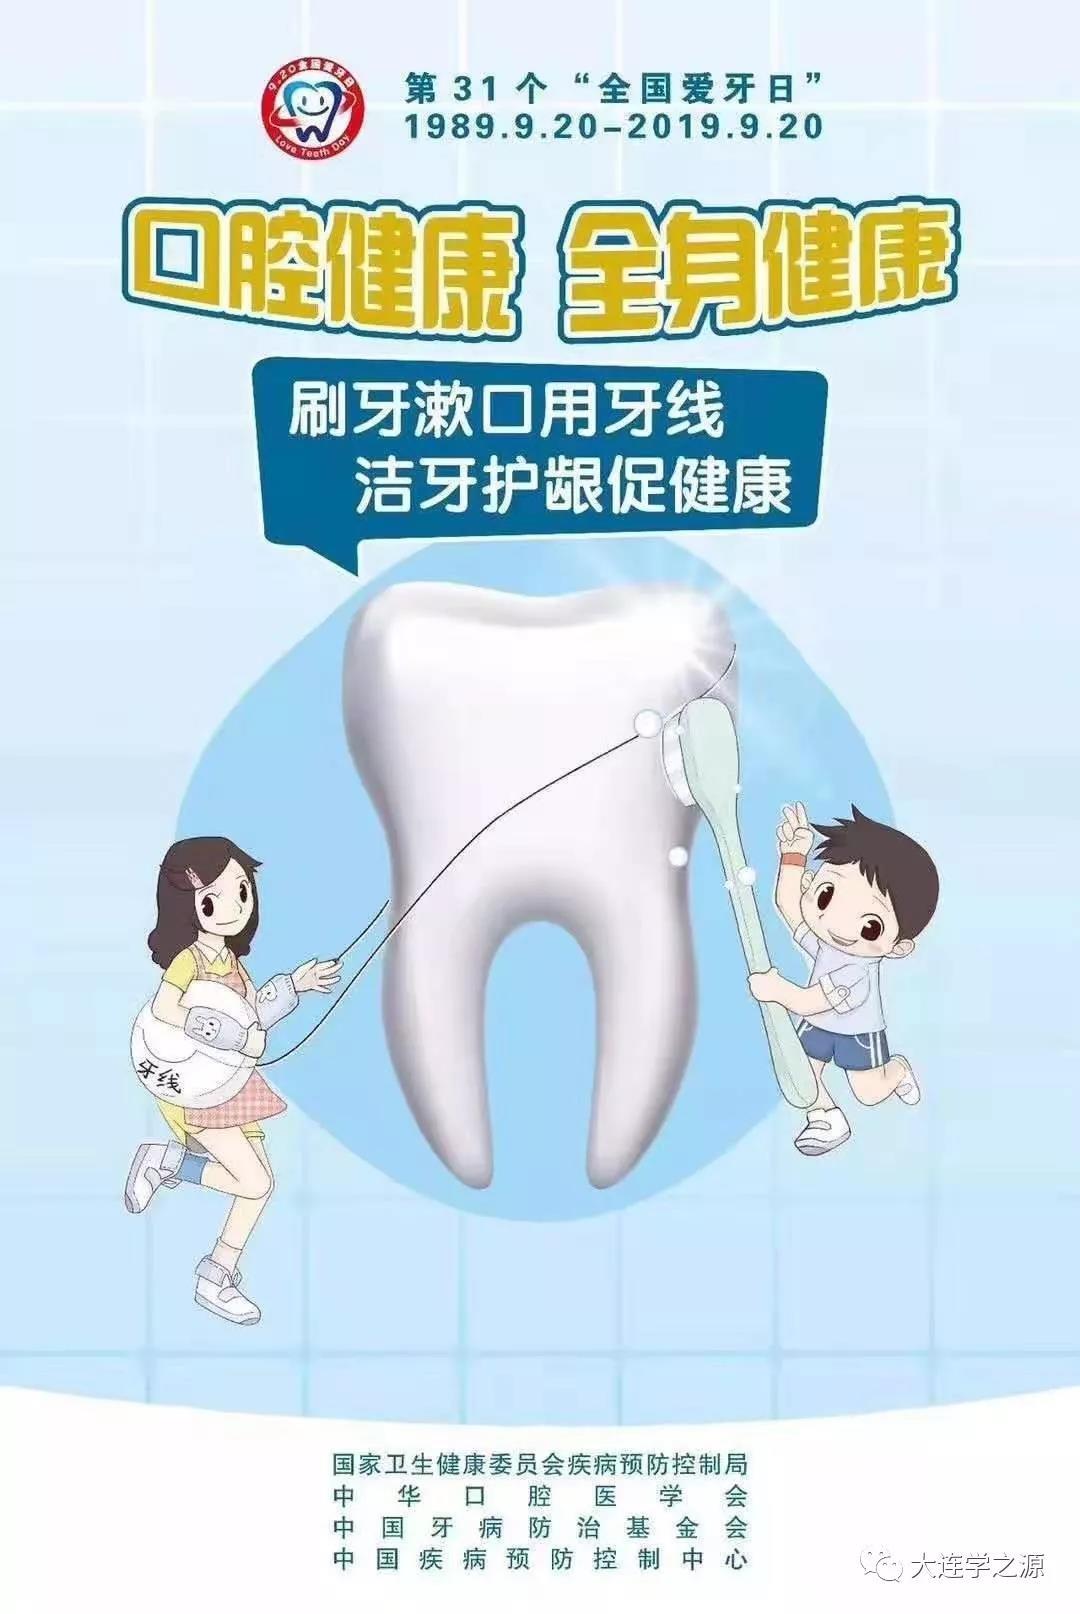 大连-我爱我牙齿活动.jpg